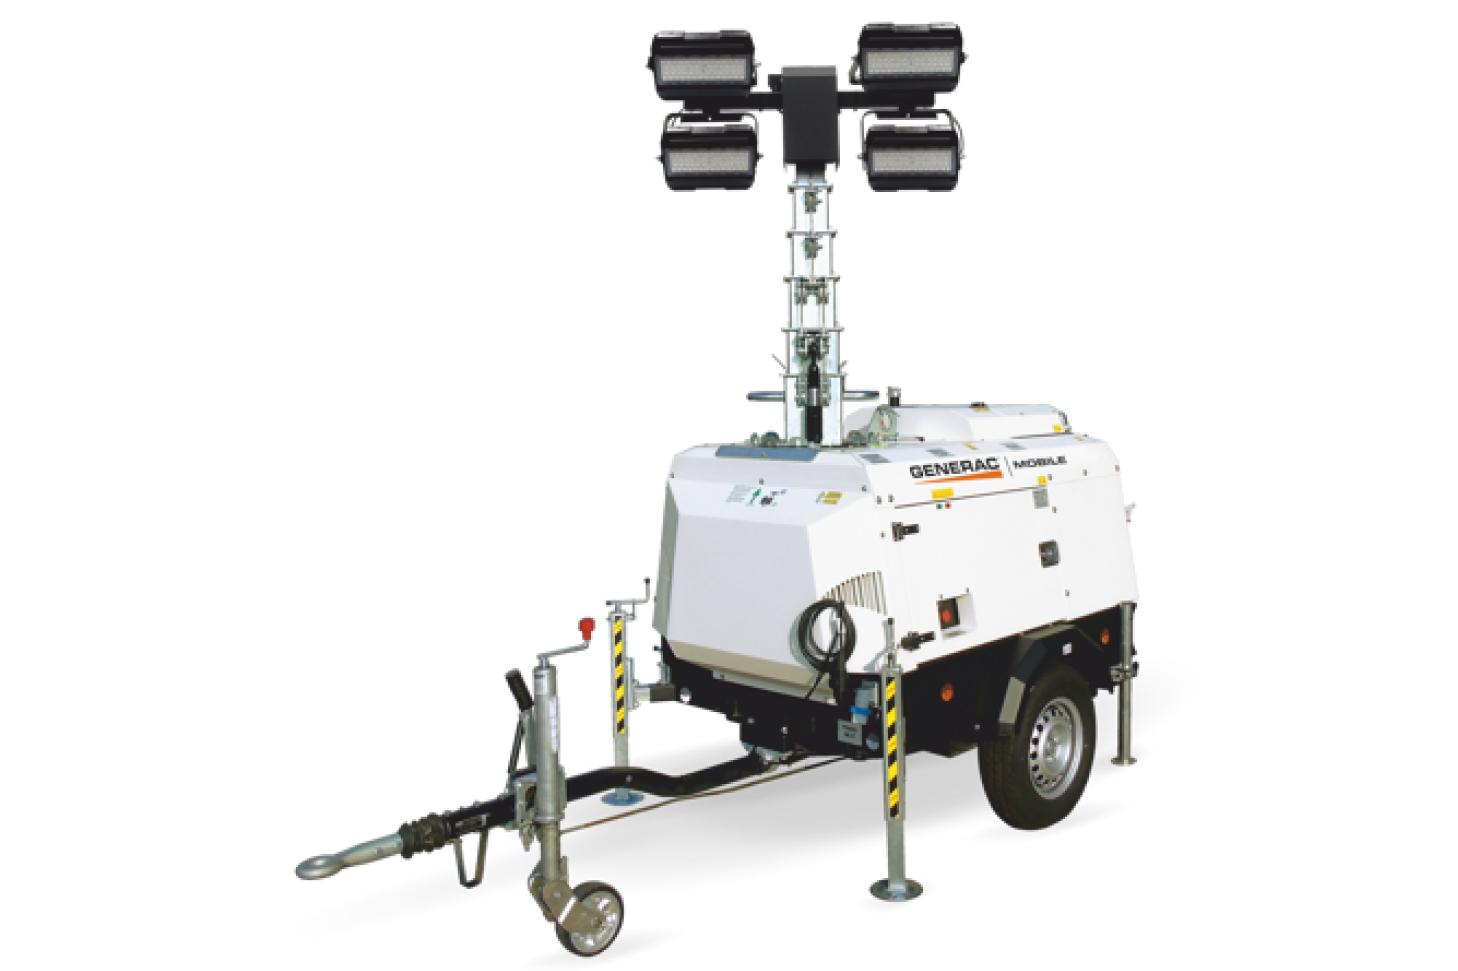 GENERAC MOBILE VT-Hybrid Гибридная осветительная мачта